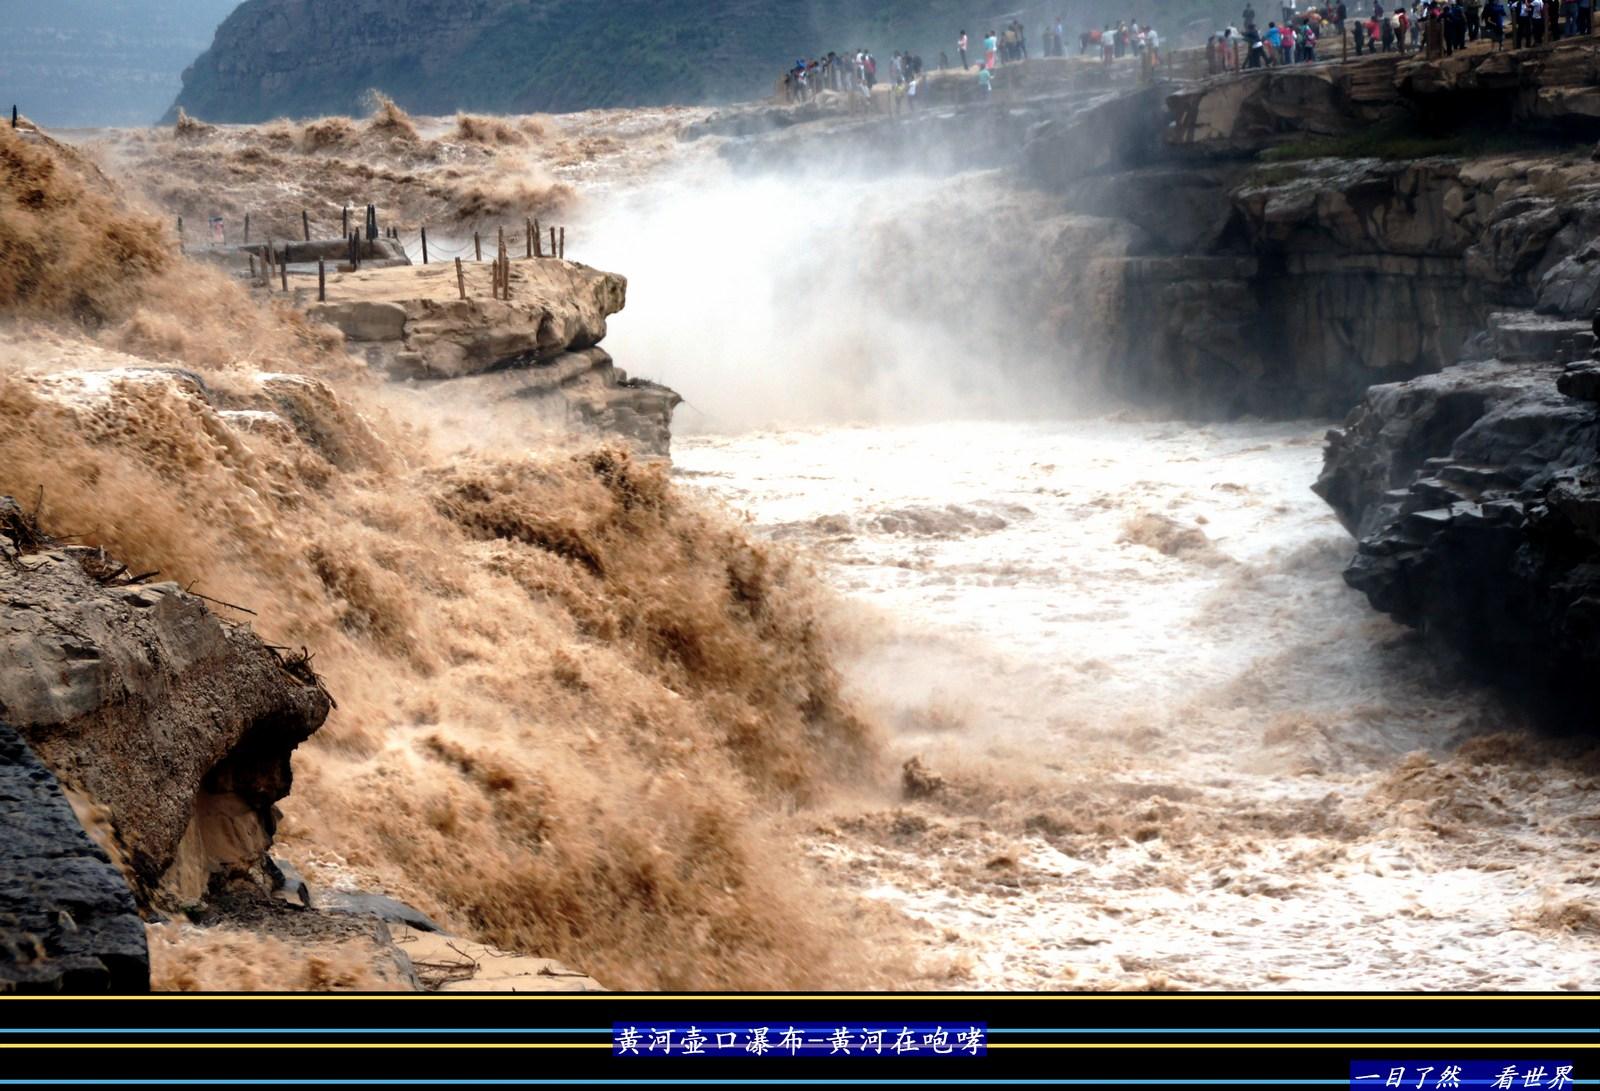 黄河壶口瀑布-015-1600.jpg